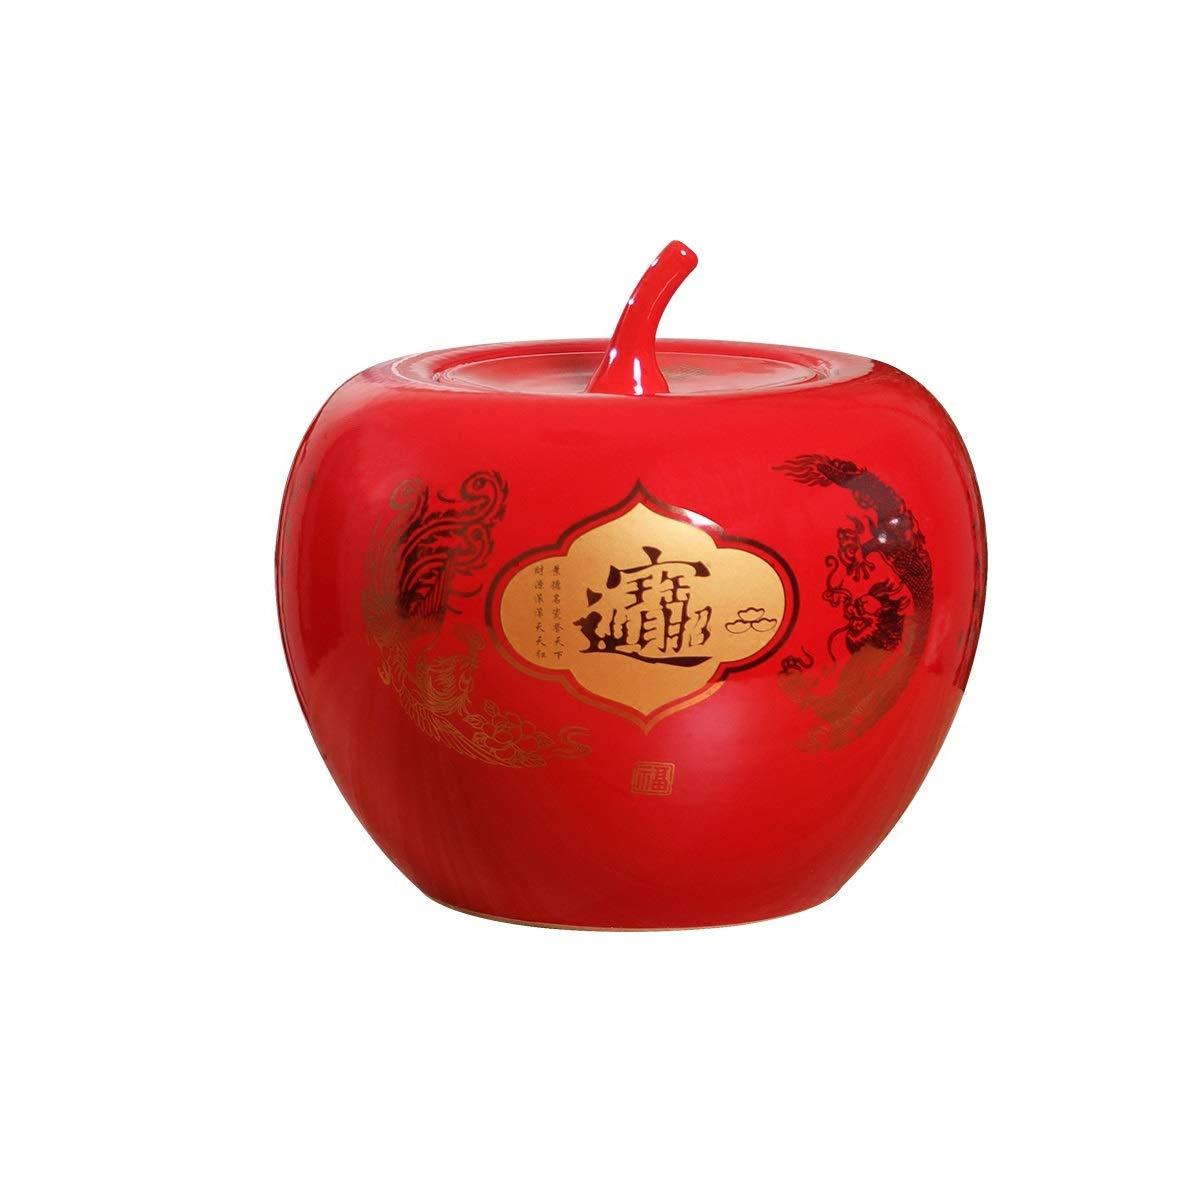 セラミックの装飾品景徳鎮セラミック花瓶の装飾、中国の人格創造的な装飾、現代中国家庭用ワインキャビネット装飾ディスプレイ、カバー付き小、中、大 (Size : Medium) B07SKR5M2B  Medium